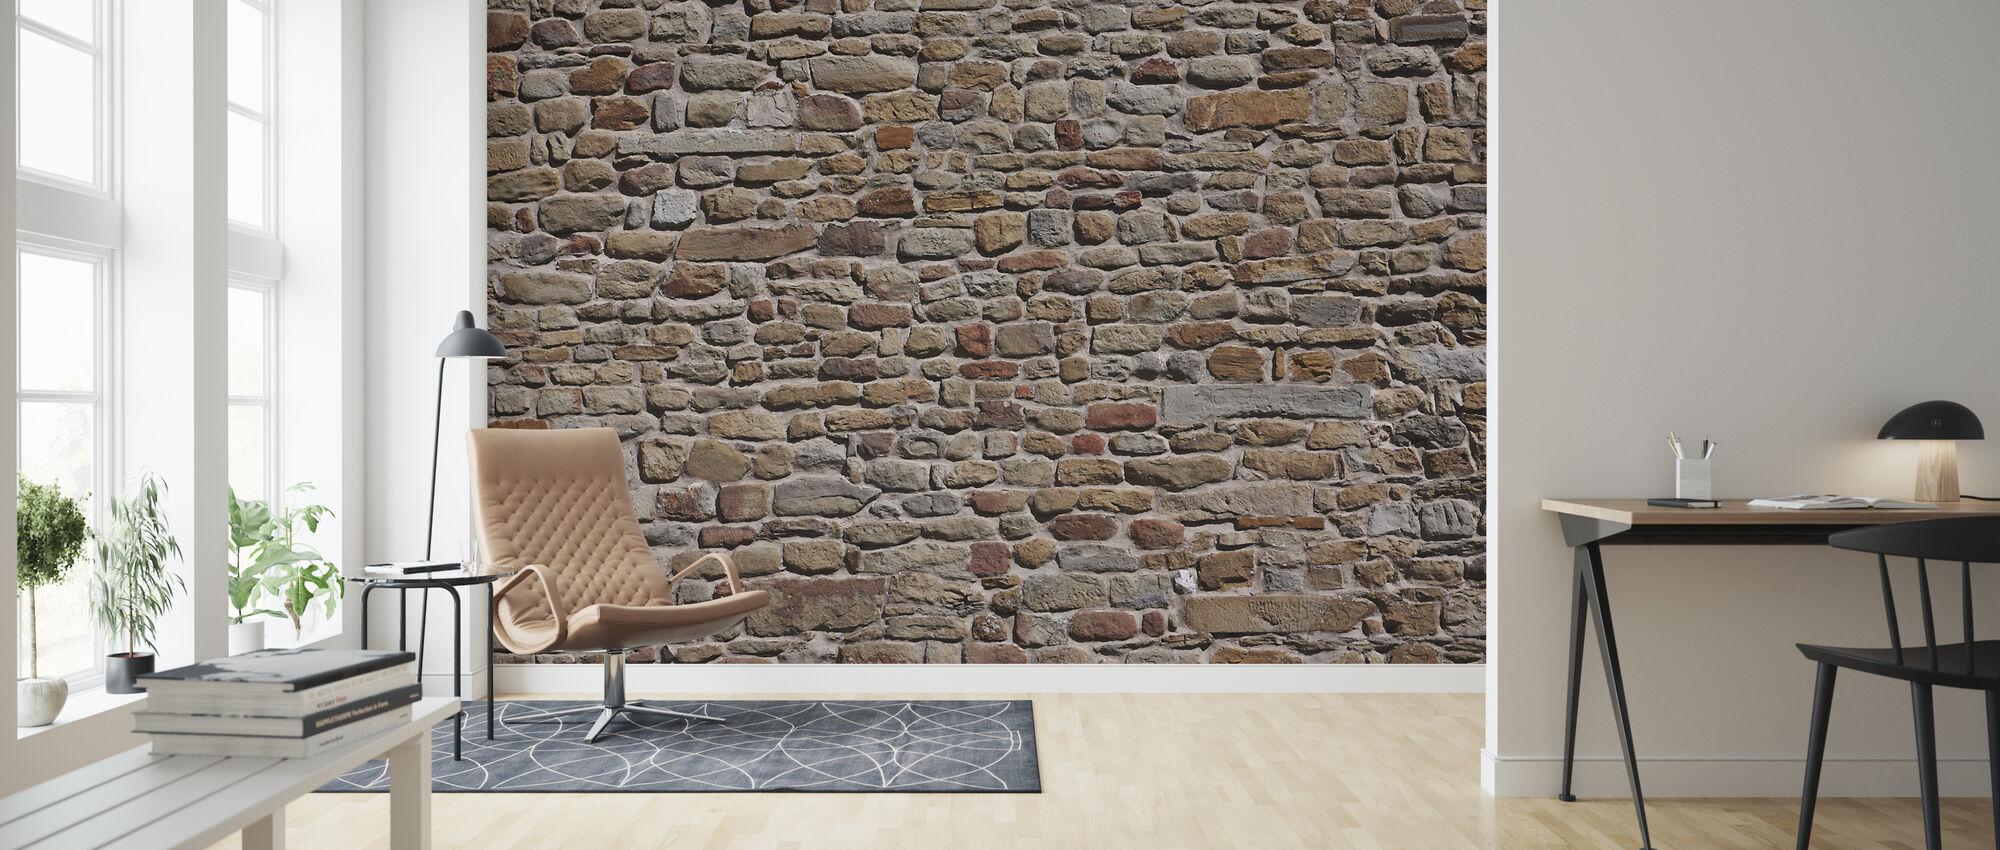 Oude bakstenen muur - Behang - Woonkamer